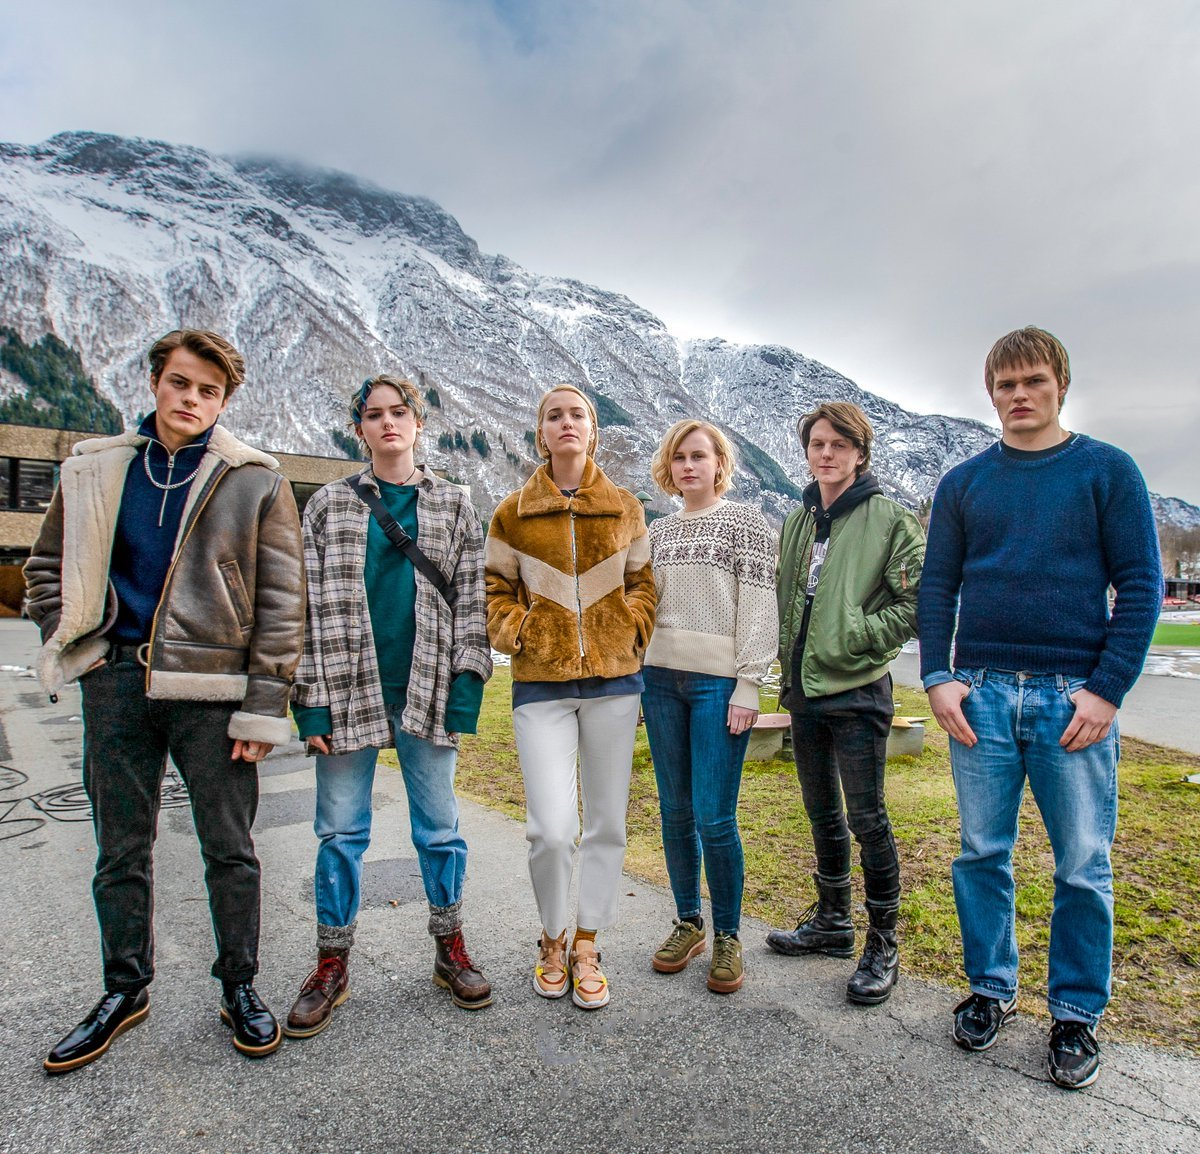 scandinavian tv series ragnarok 2